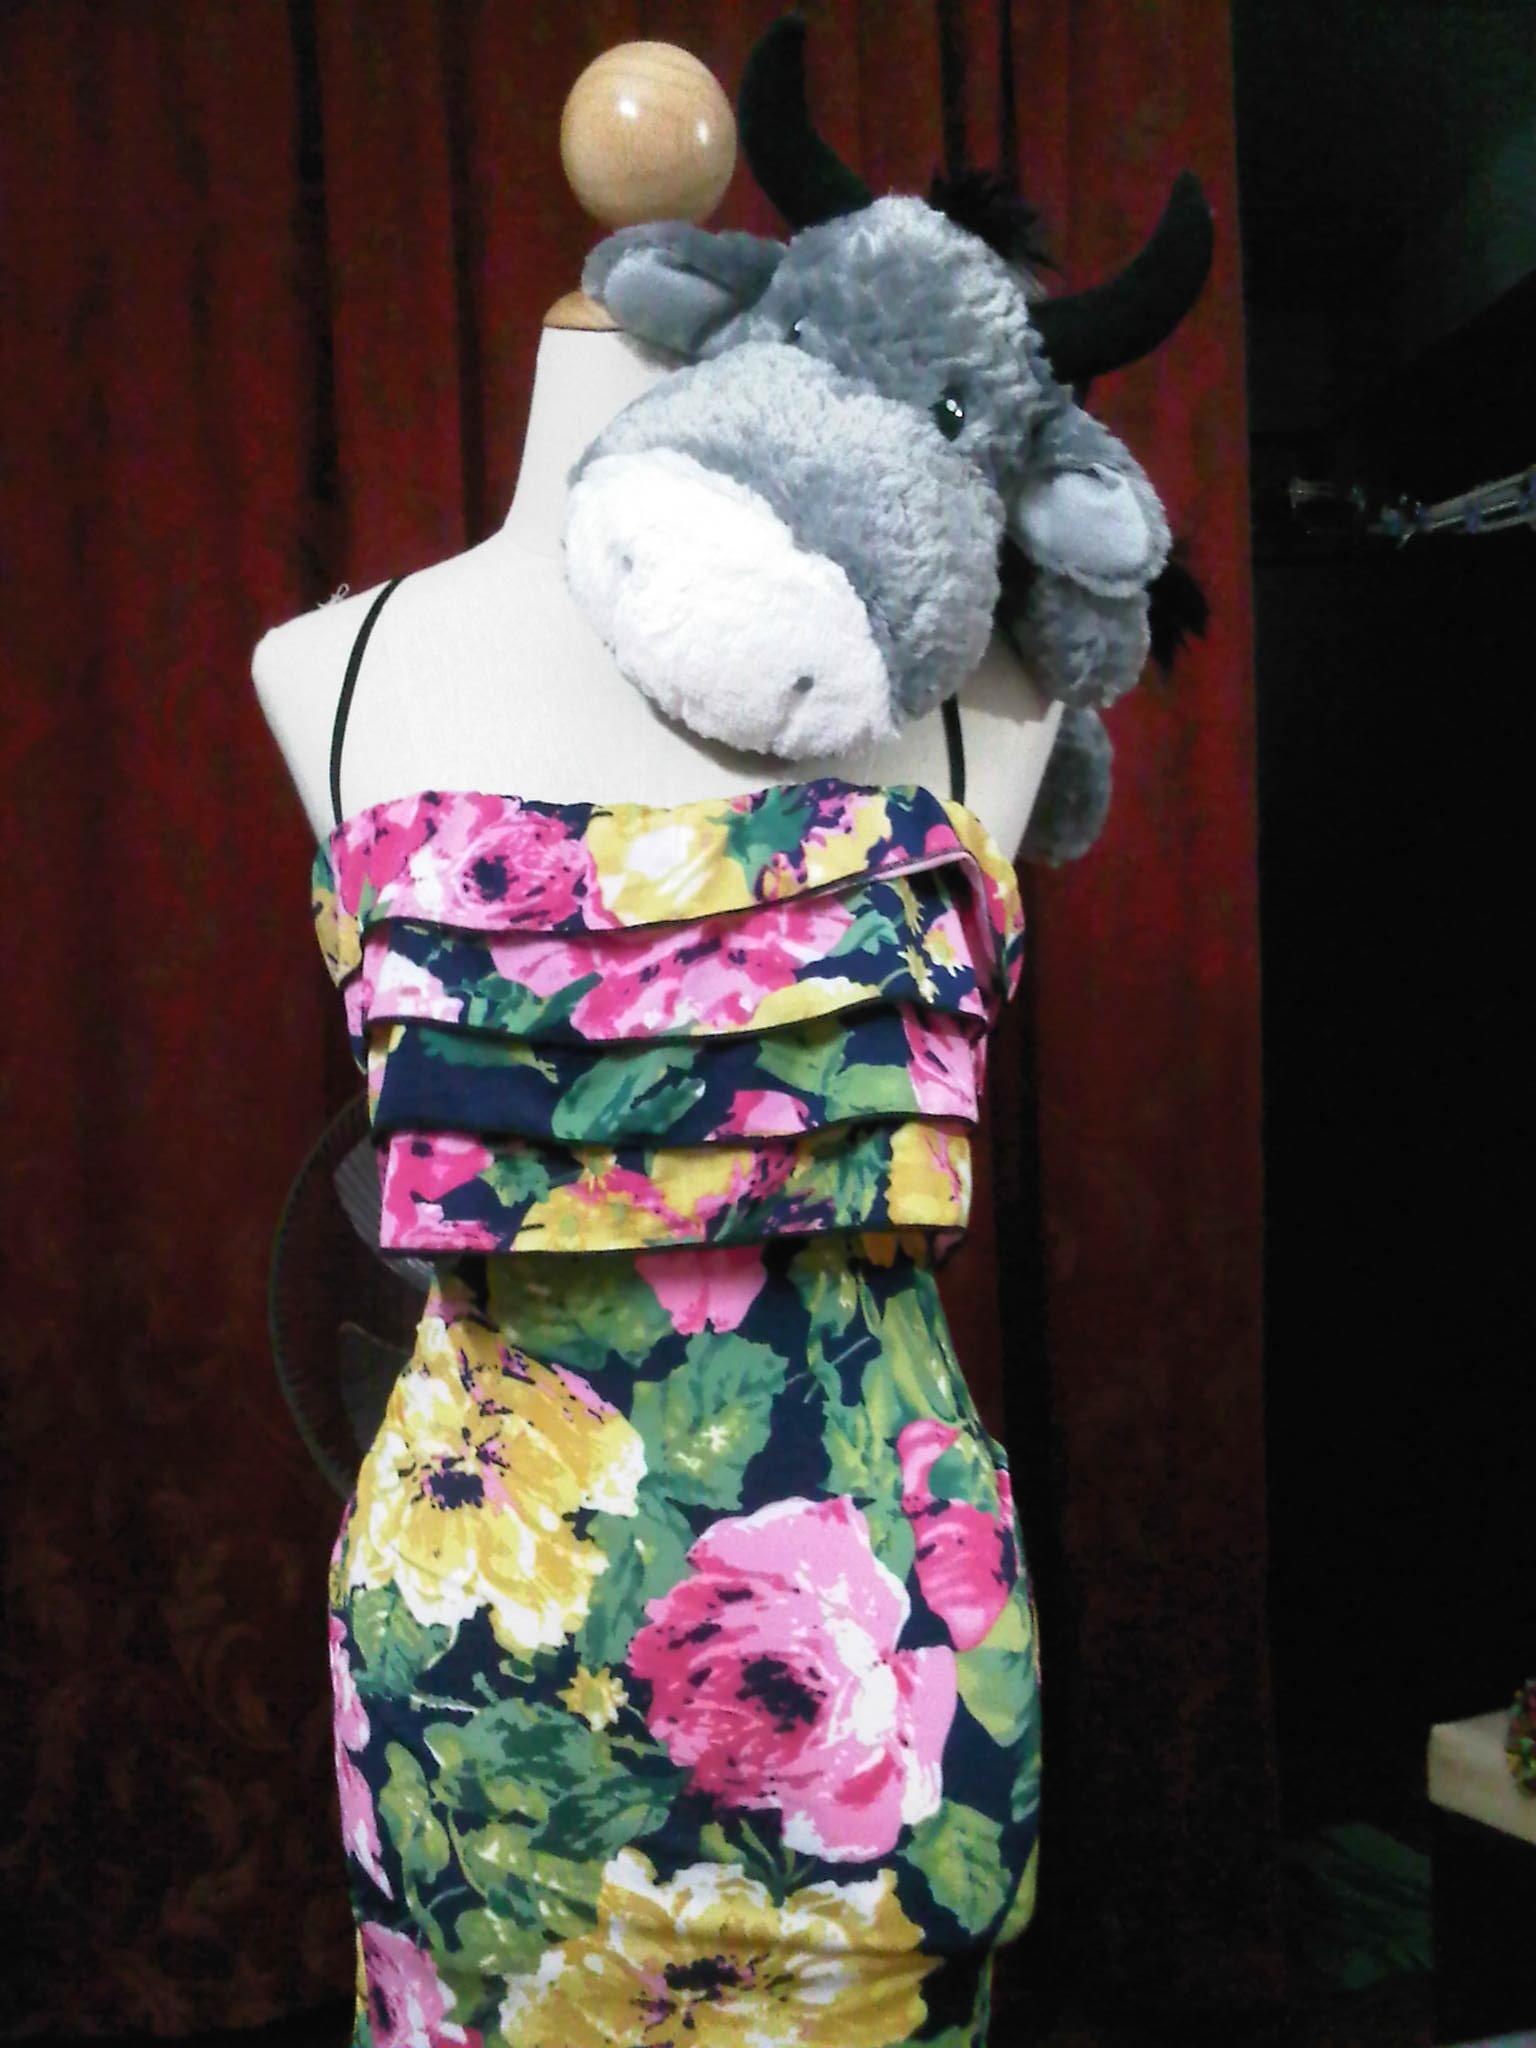 เดรสลายดอกไม้ สวยสะบัด ดอกหล่นกันเลยทีเดียว 555+ จากเวป http://item.taobao.com/item.htm?id=13024701551&